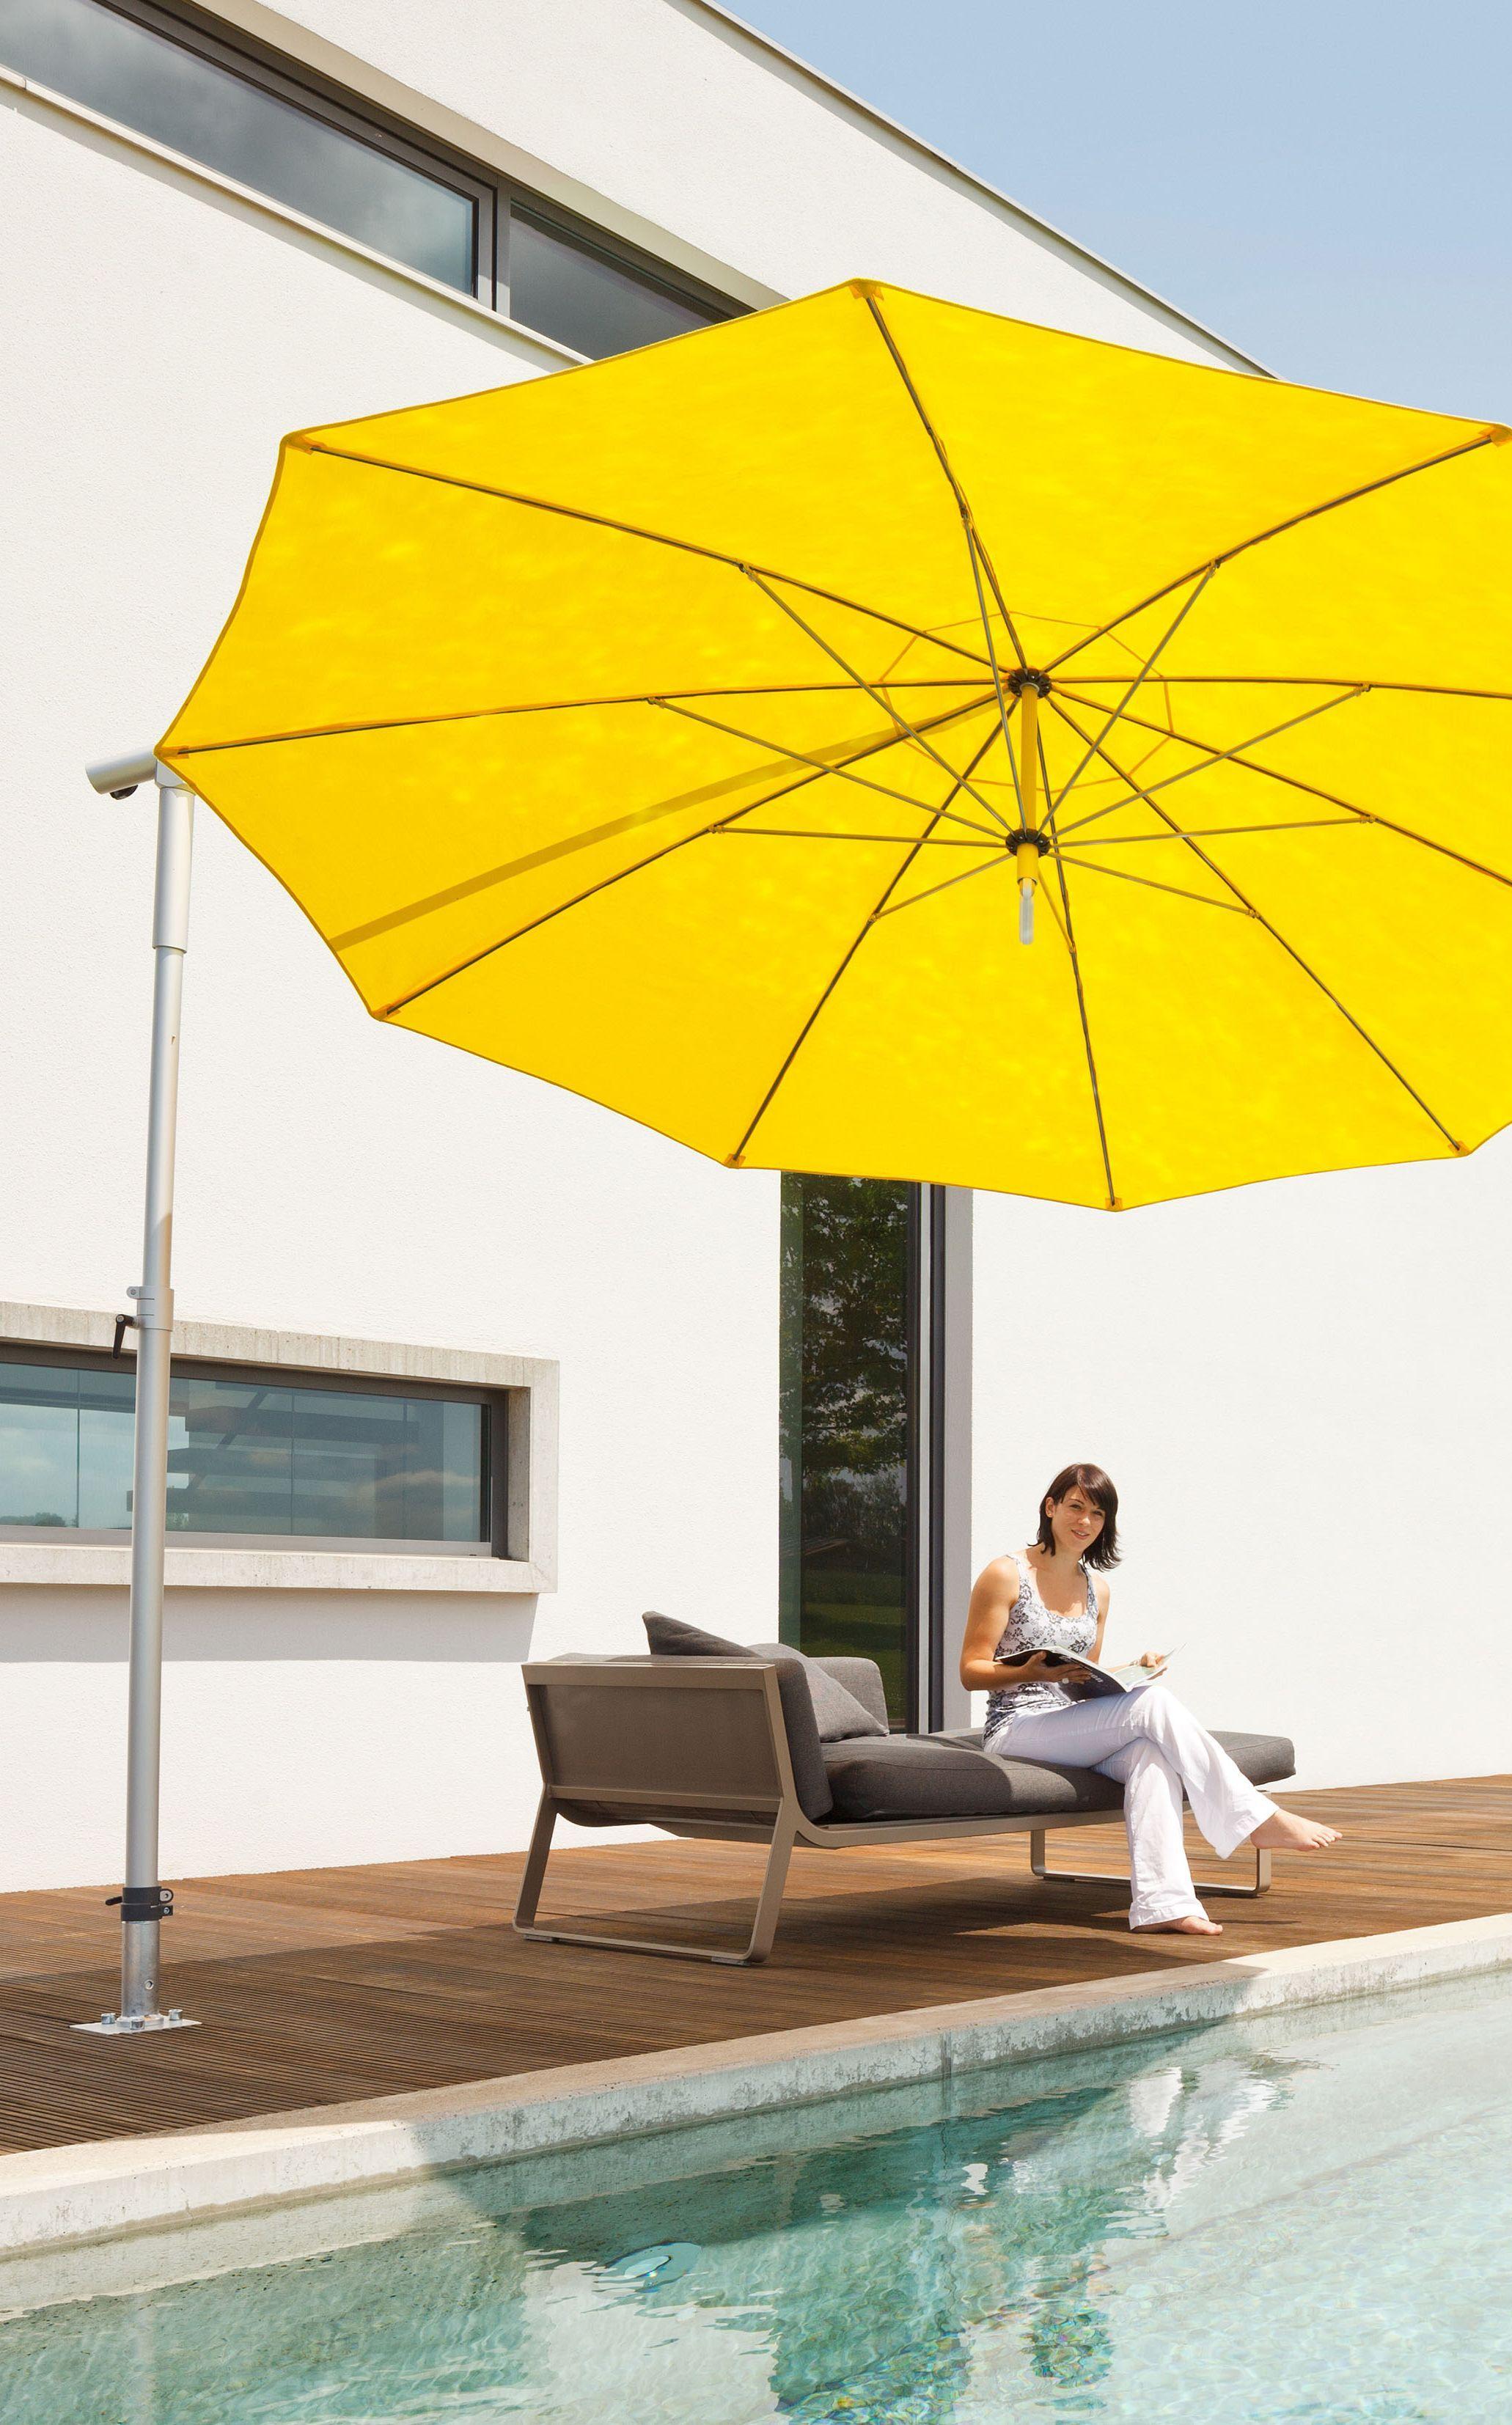 Du Suchst Nach Einem Geeigneten Sonnenschirm Auf Der Terrasse Oder Fur Deinen Garten Wir Haben Tipps Die Bei Der Sonnenschirm Terrasse Sonnenschirm Terrasse